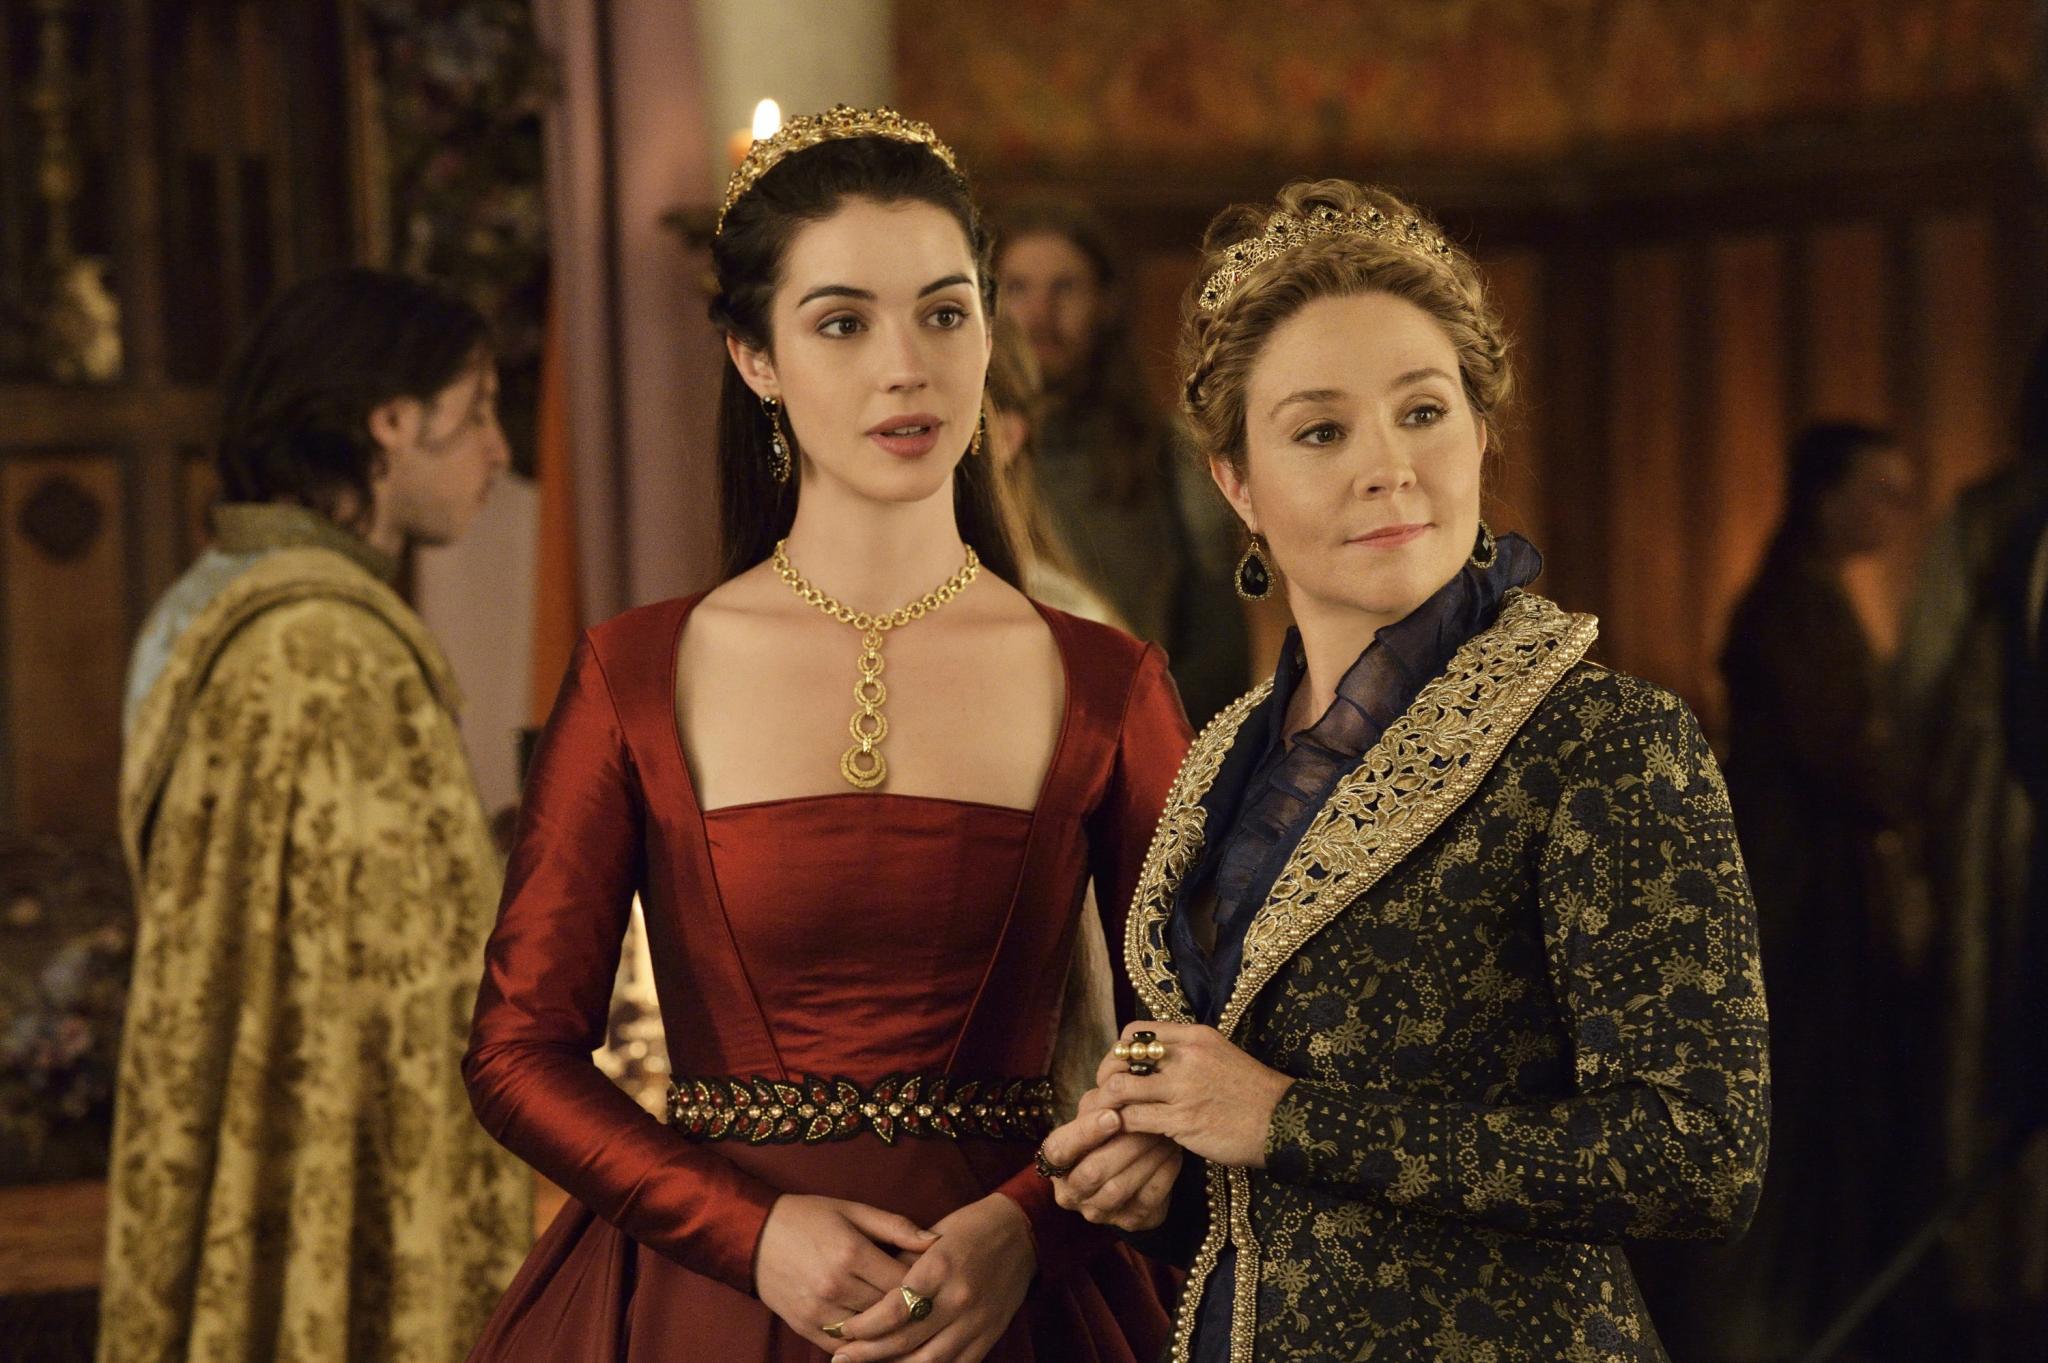 Die Frauen hinter dem König: Mary Stuart (Adelaide Kane) und die Mutter des Königs, Katharina von Medici (Megan Follows)